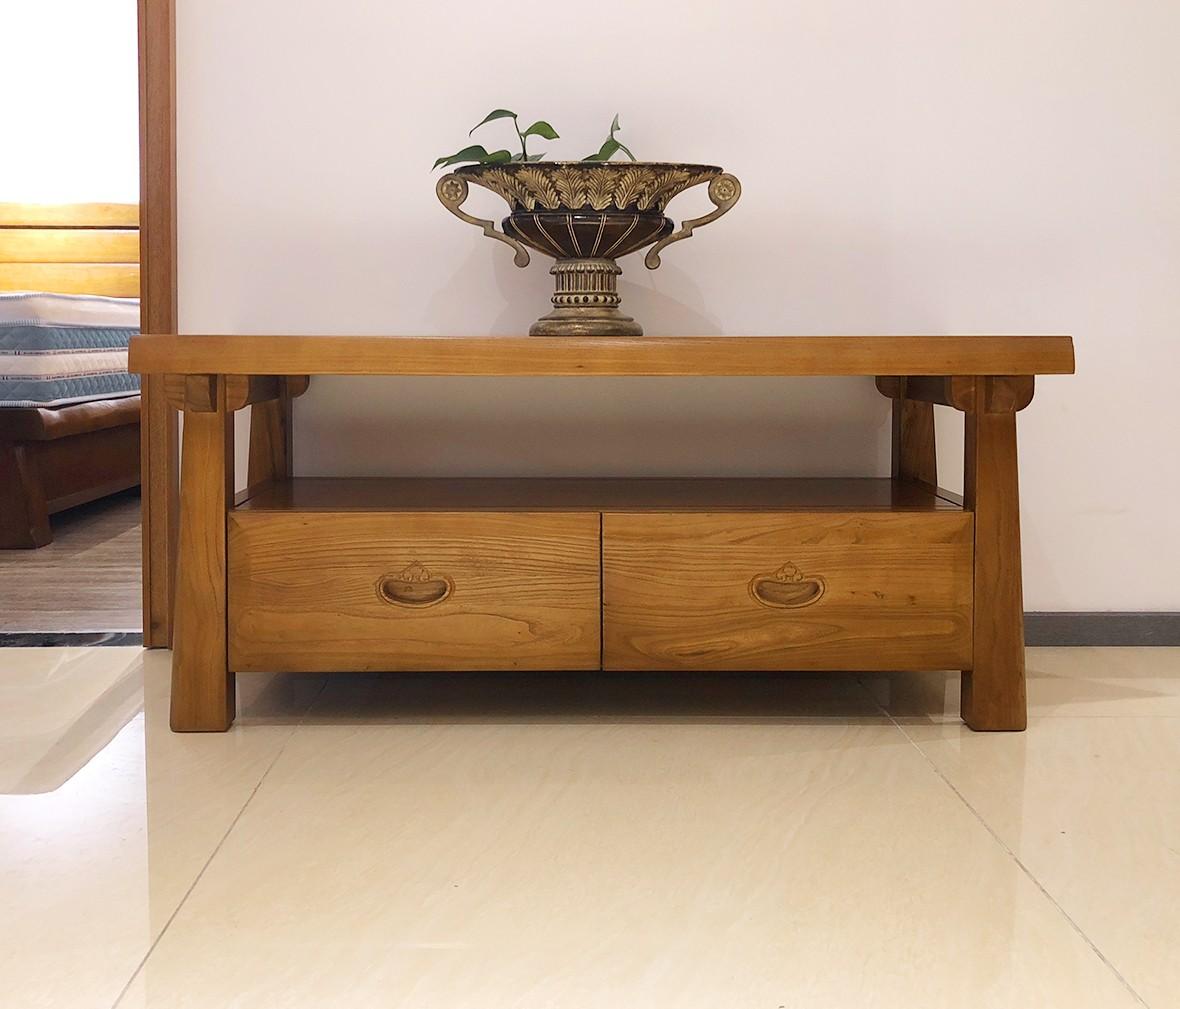 强力家具尚榆系列h203型号tv台榆木材质现代中式风格客厅家具